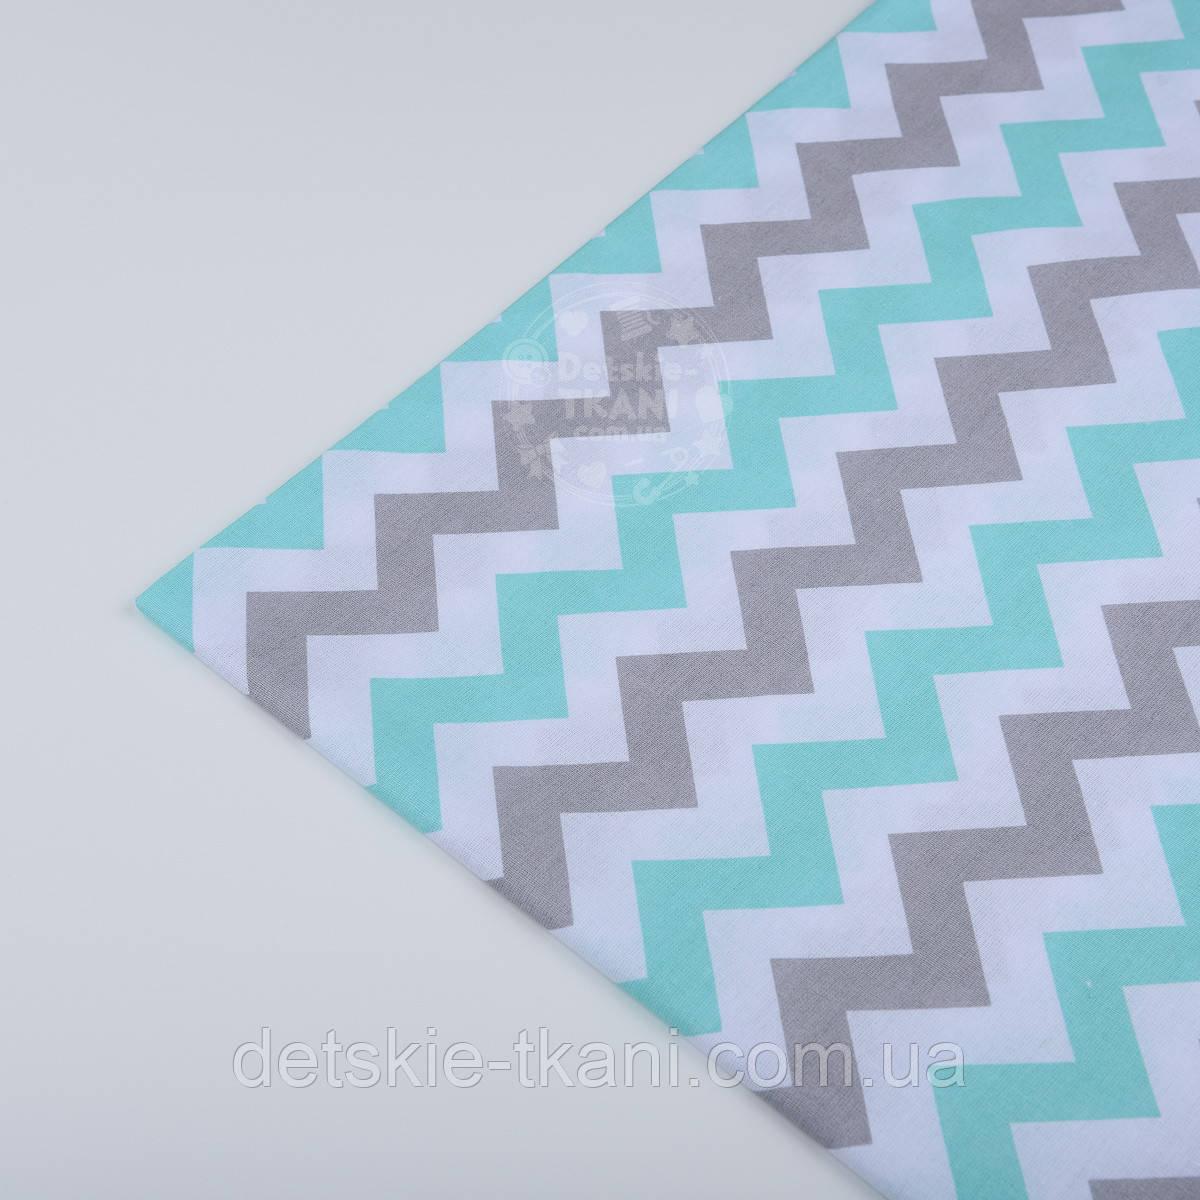 Лоскут ткани №1003  с мятным и серым зигзагом